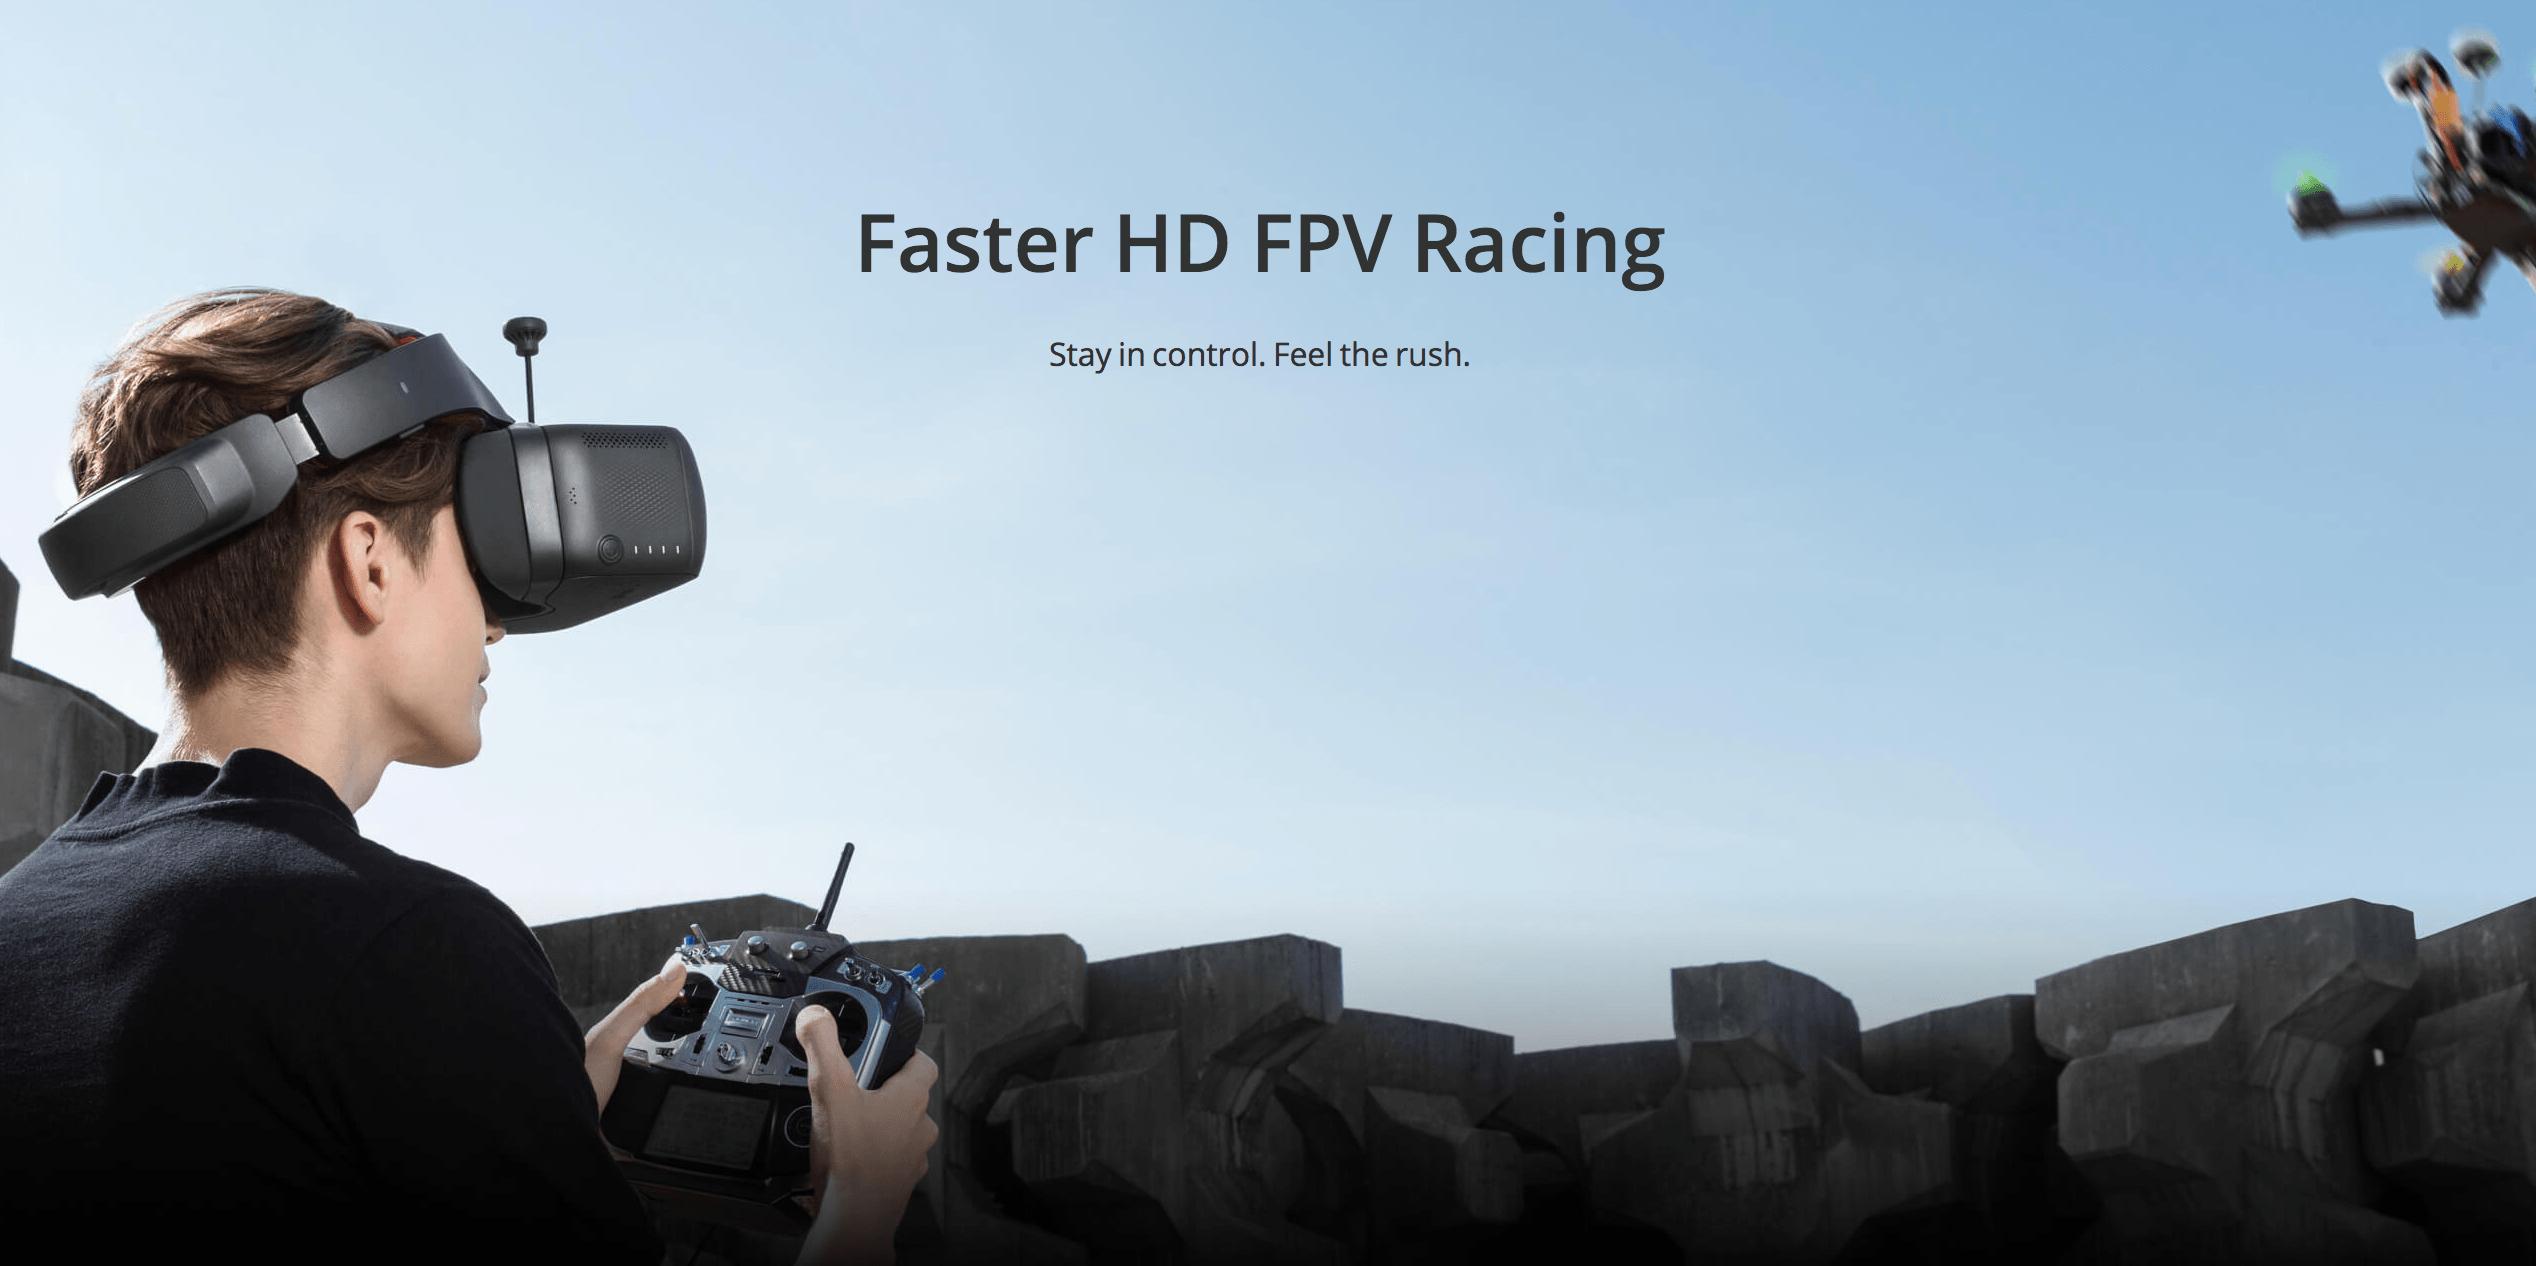 DJI发布飞行眼镜竞速版 开启高清FPV竞速时代